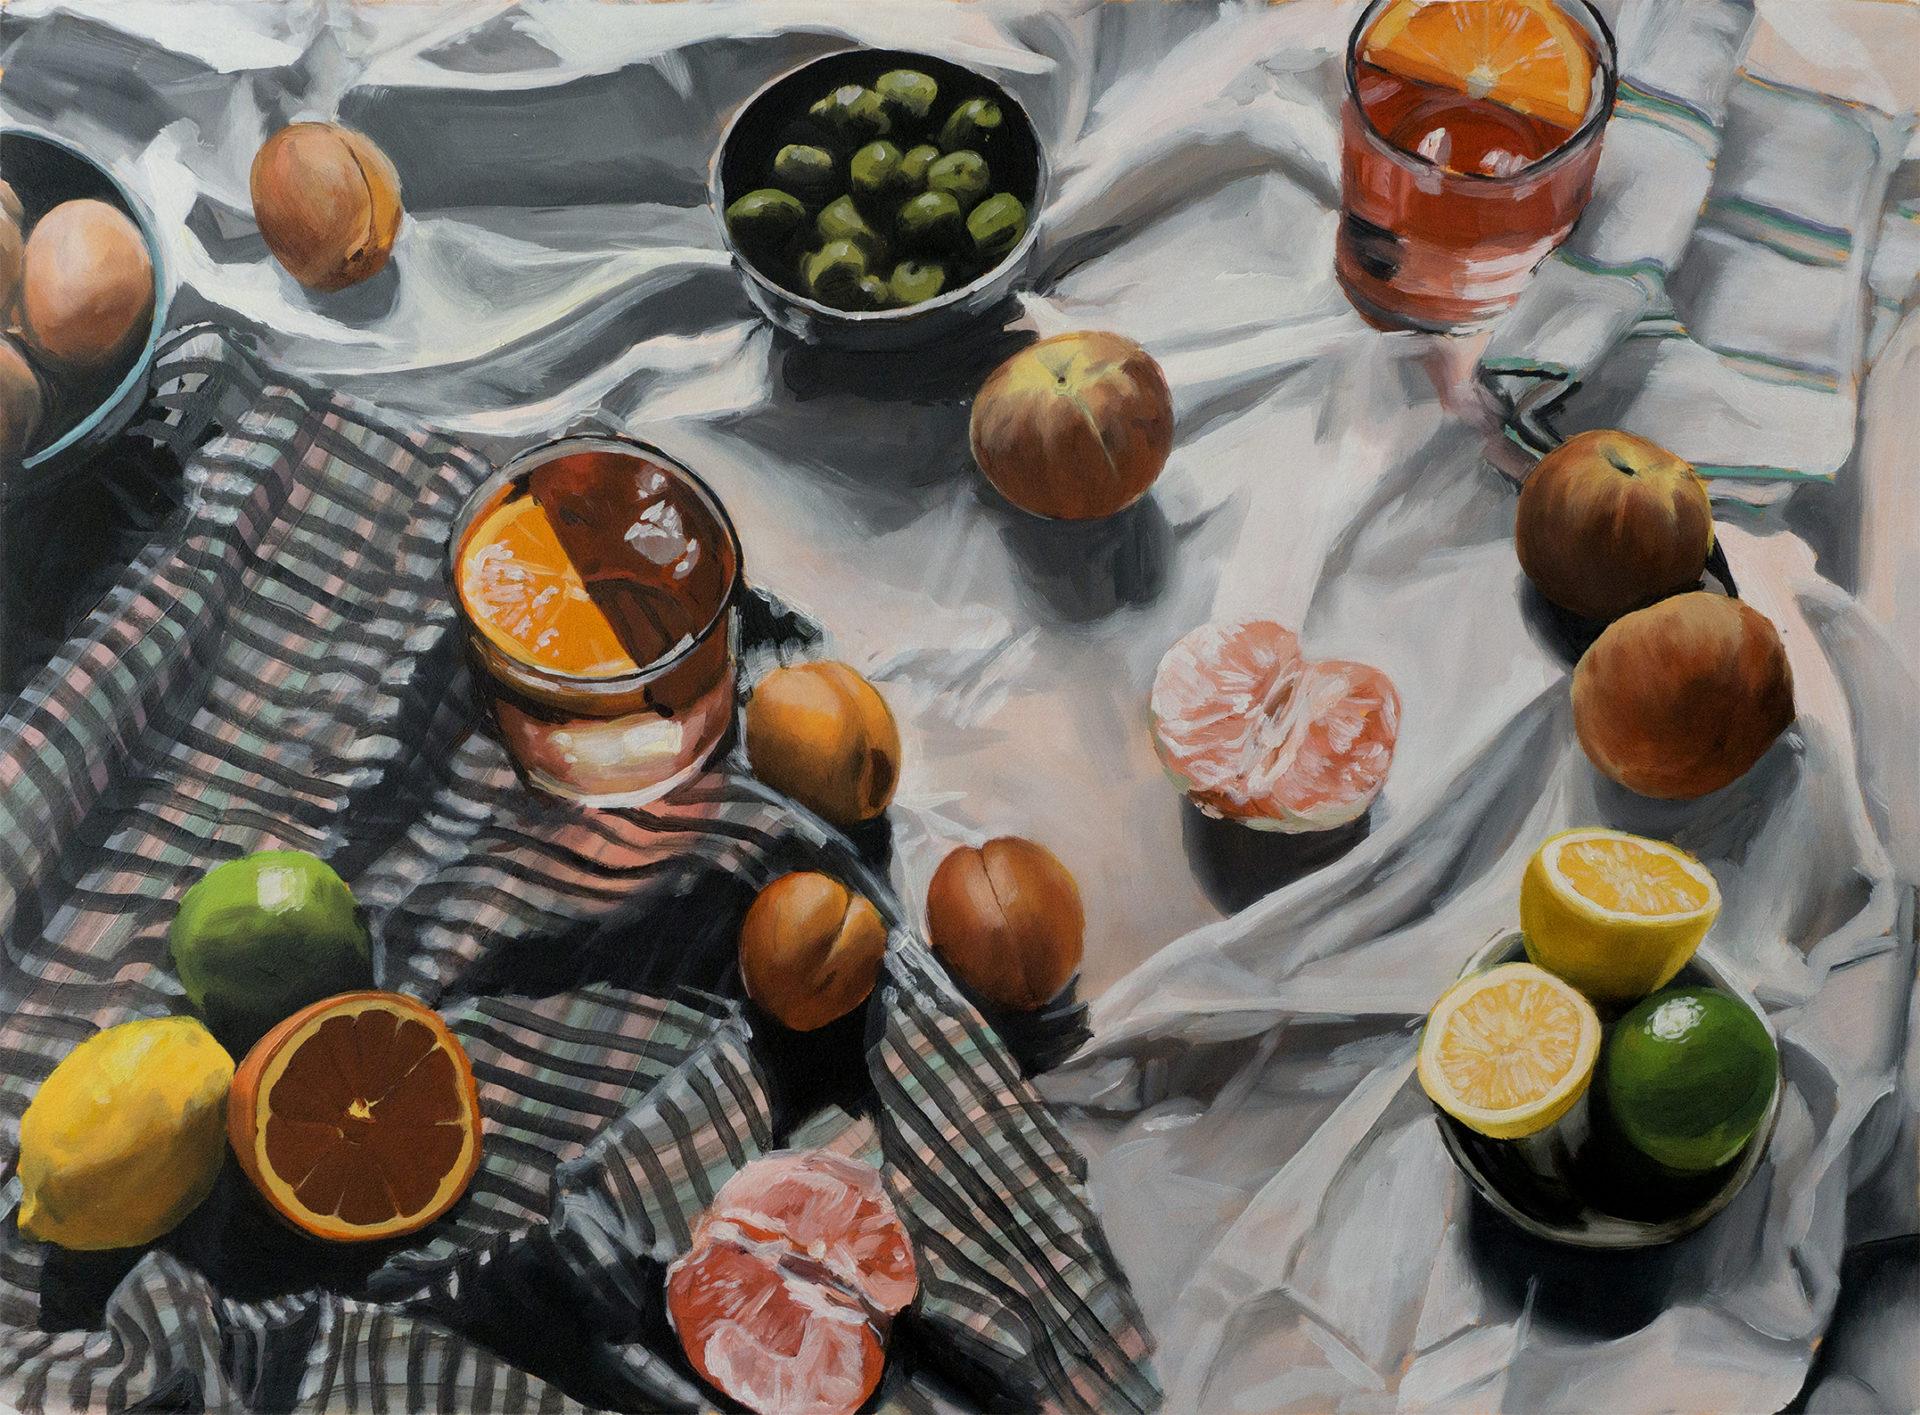 Peinture du pique-nique de Call me by your name avec plein d'agrumes et bol d'olive